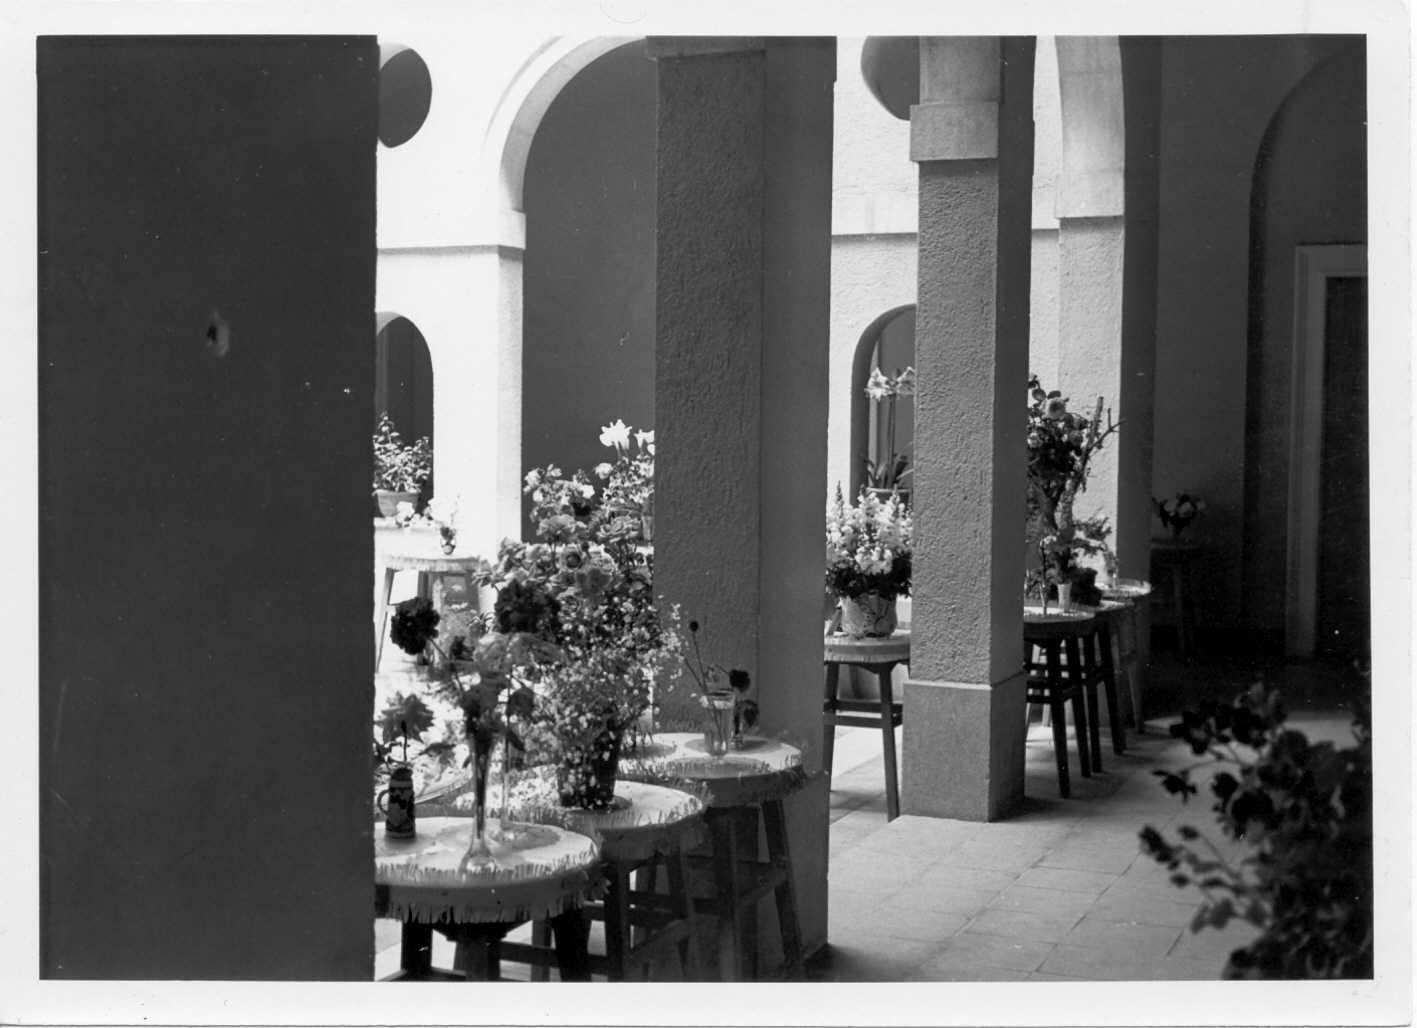 Concurs exposició de plantes i flors al pati de l'Ajuntament de Sant Feliu de Guíxols als anys 60. AMSFG. Col·lecció Municipal d'Imatges (Autor desconegut)